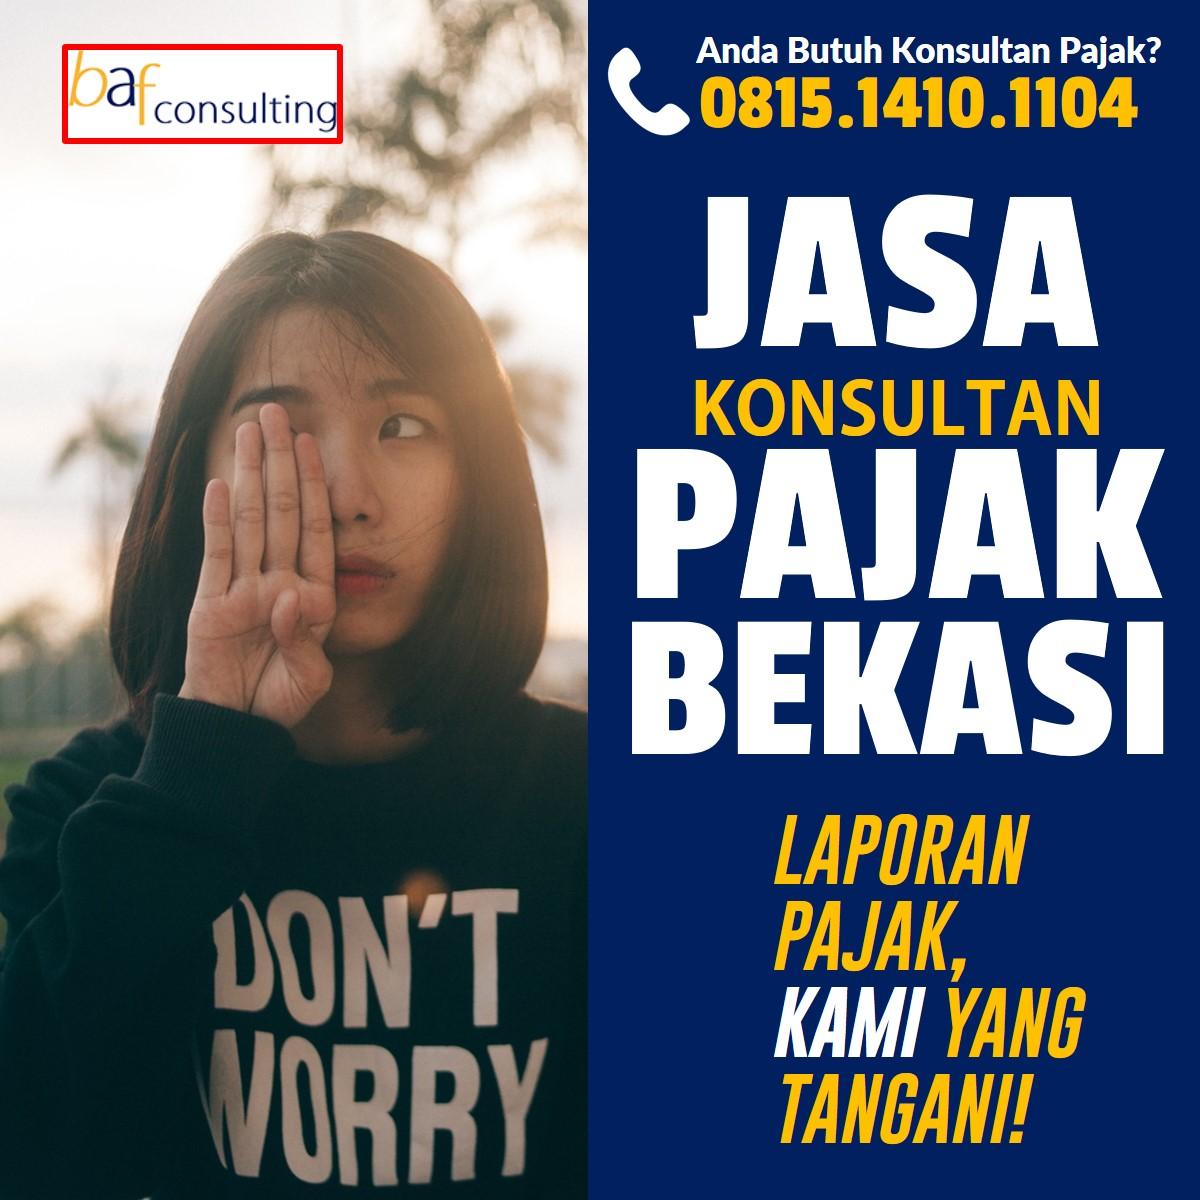 Jasa Konsultan Pajak di Bekasi